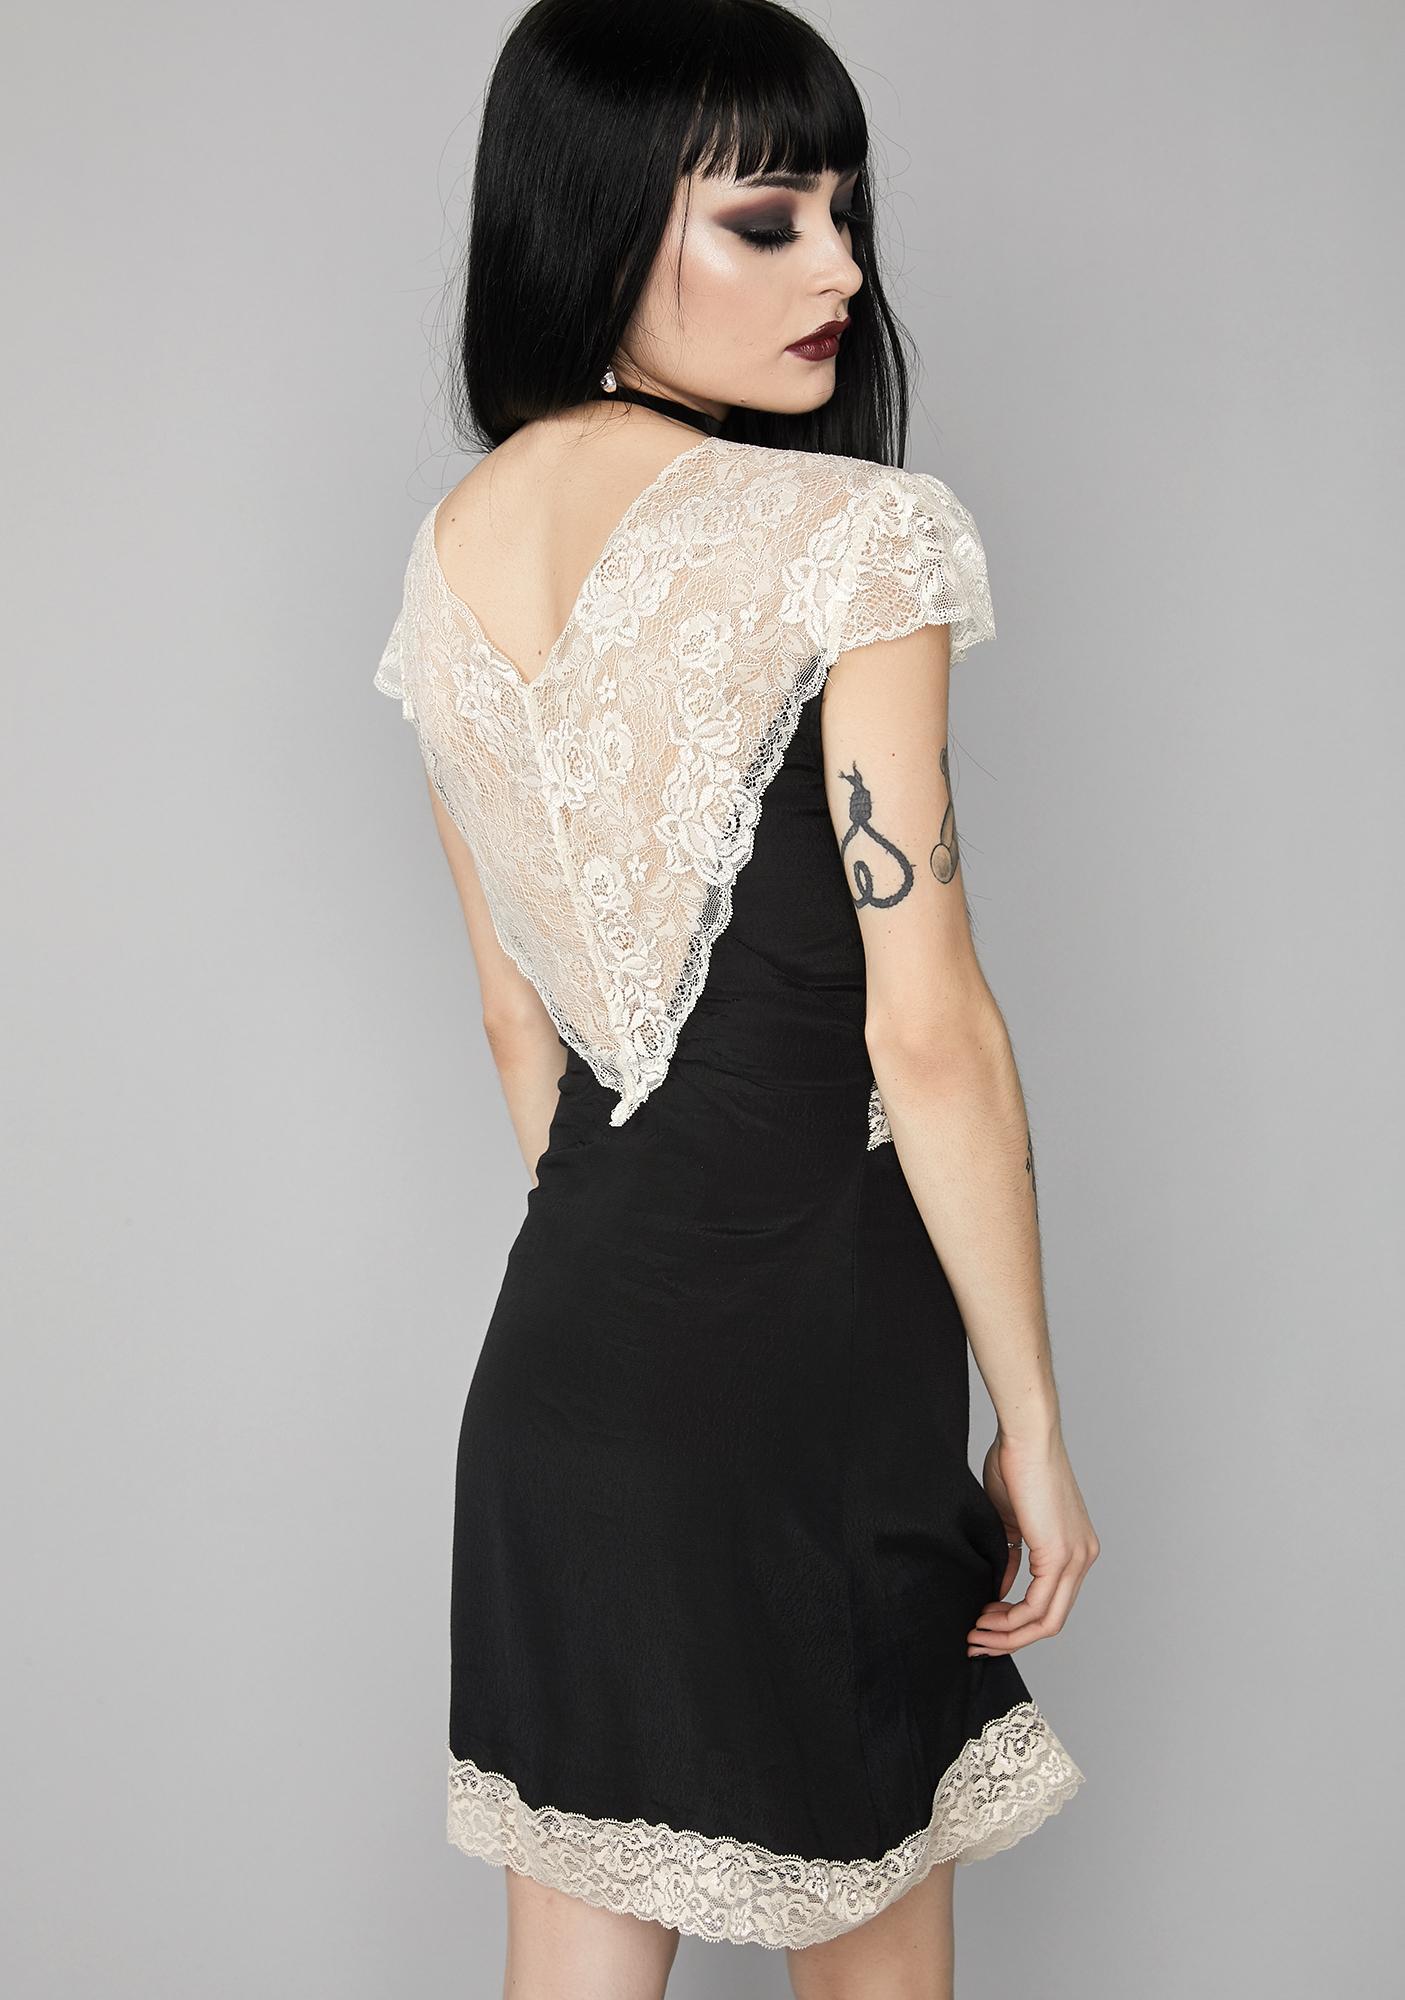 Widow Ada Lovelace Dress